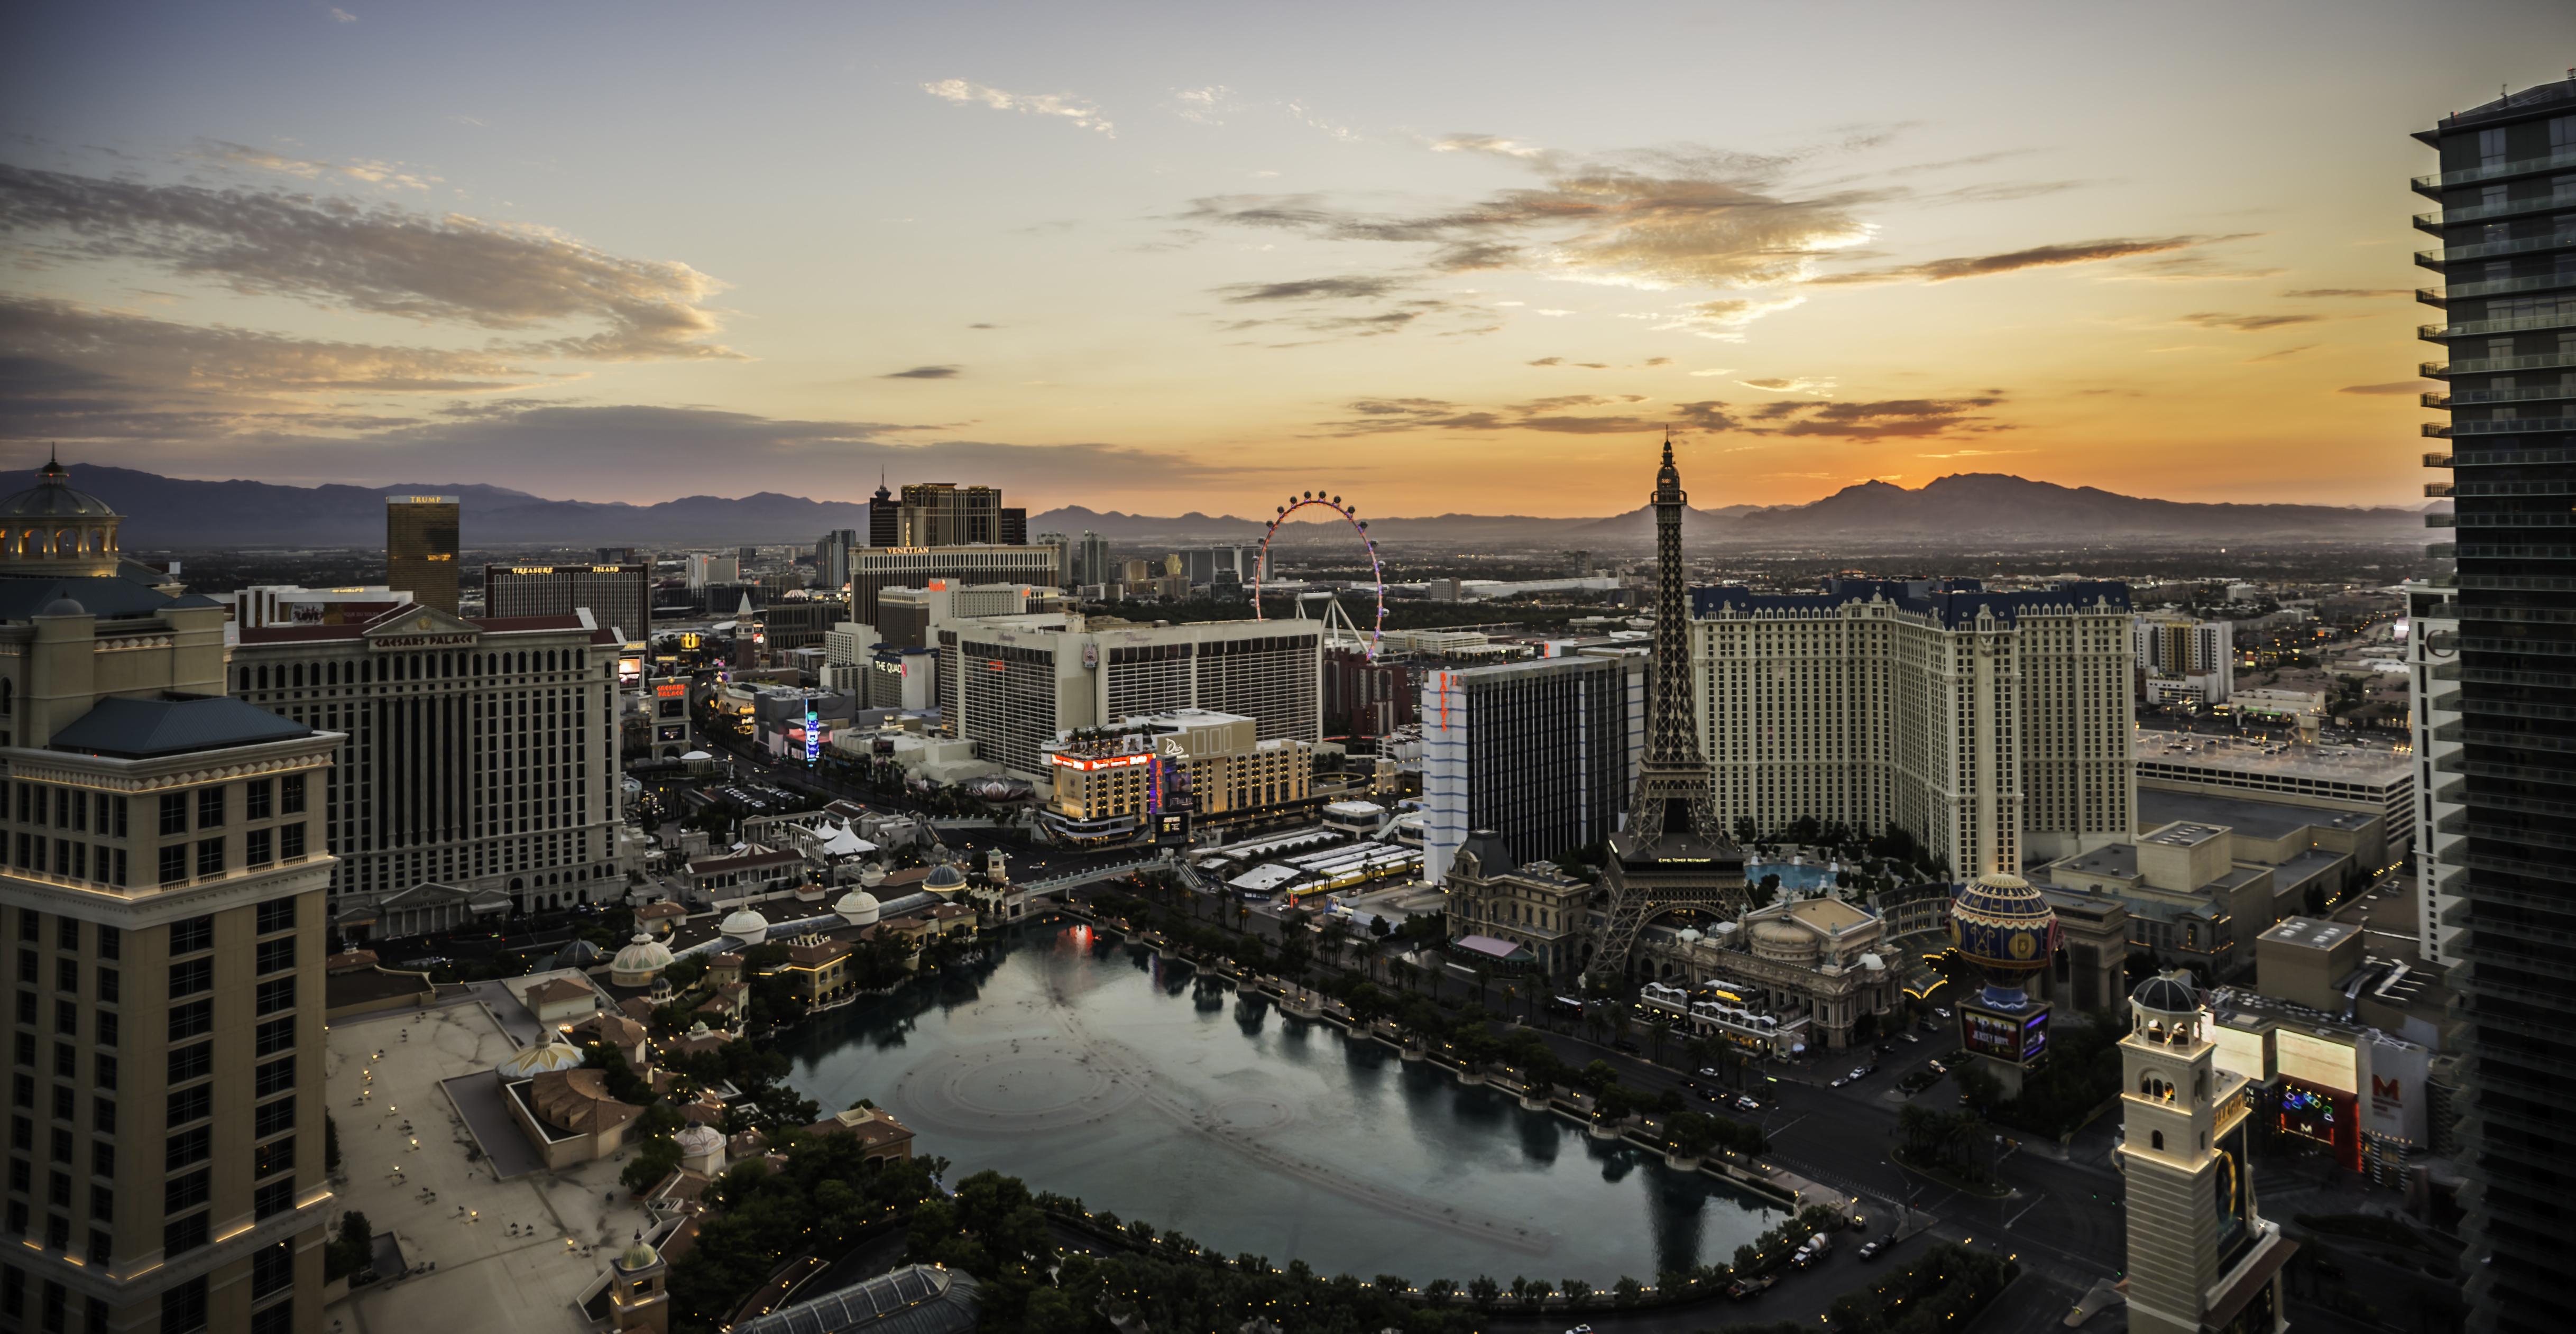 Amanecer en Las Vegas - 4872x2523